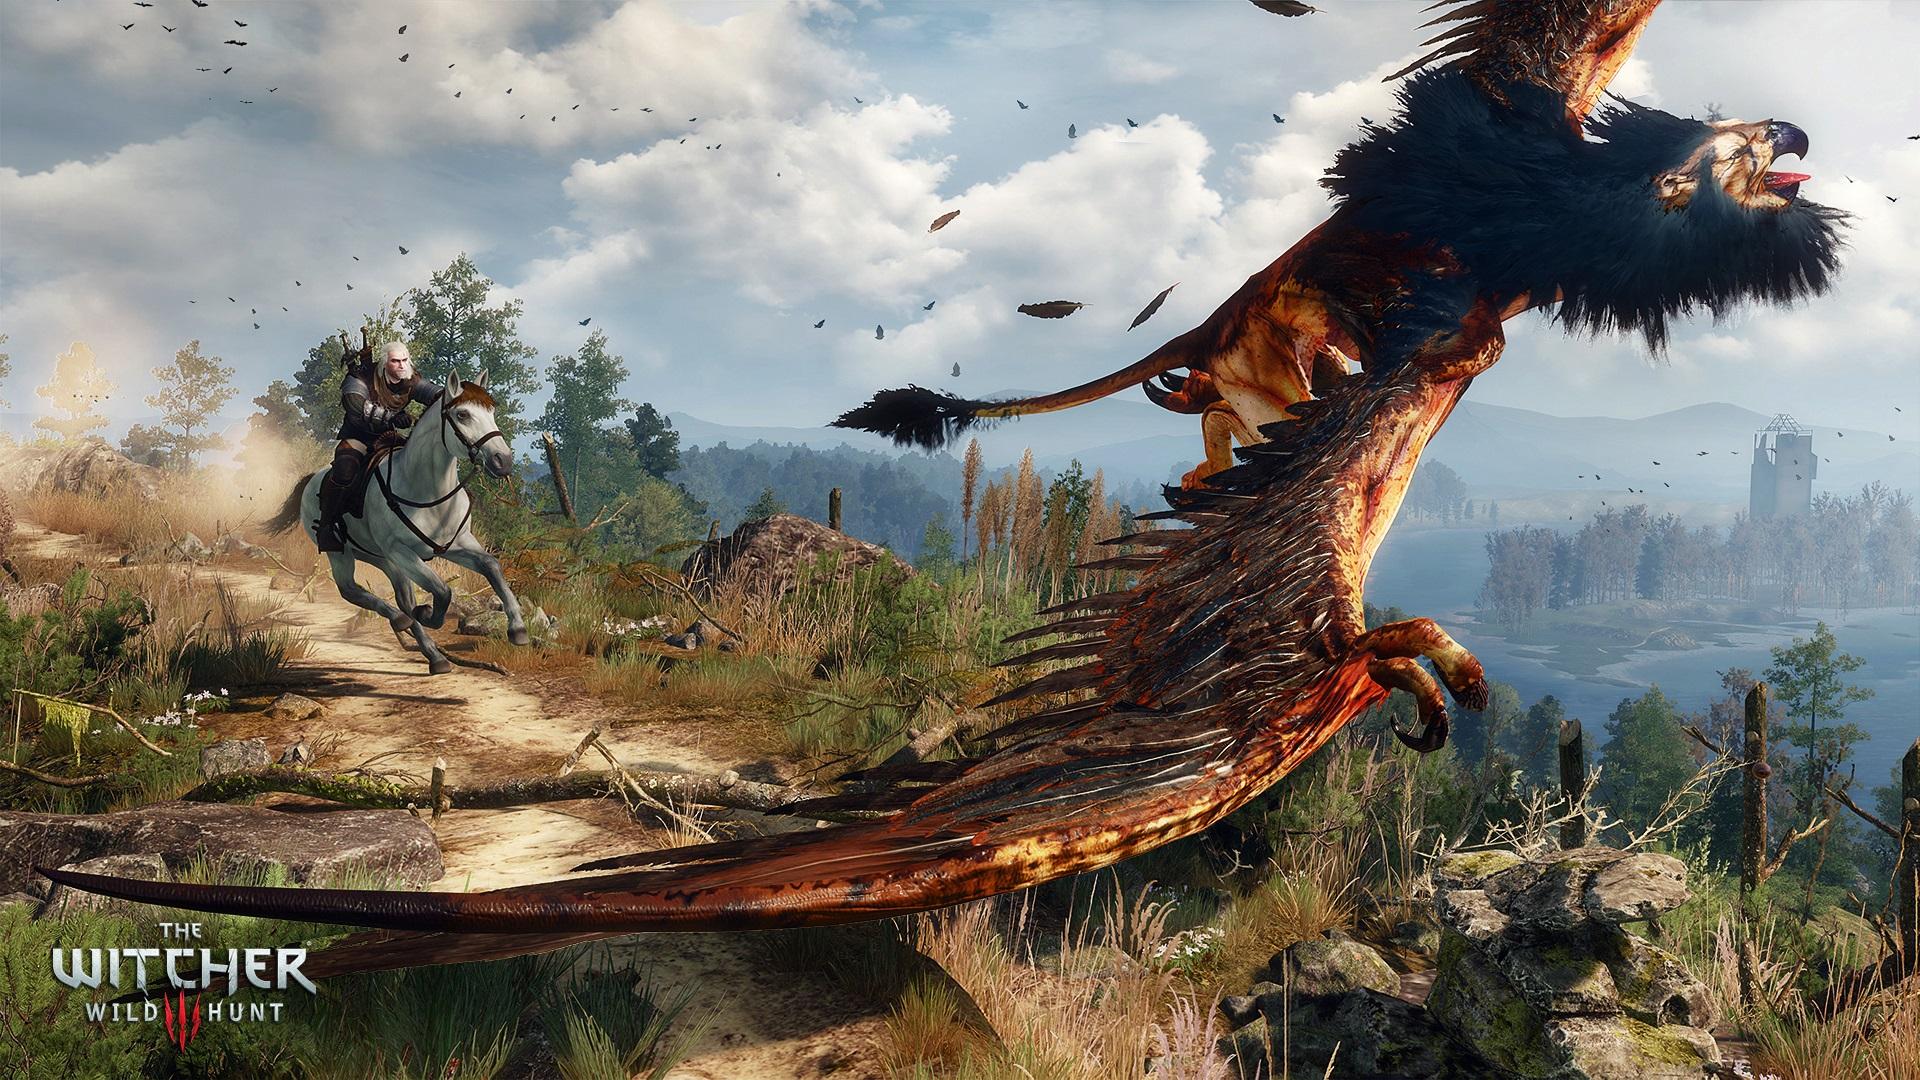 Starcie z gryfem z Białego Sadu - pierwszym poważniejszym przeciwnikiem, który staje na drodze Geralta